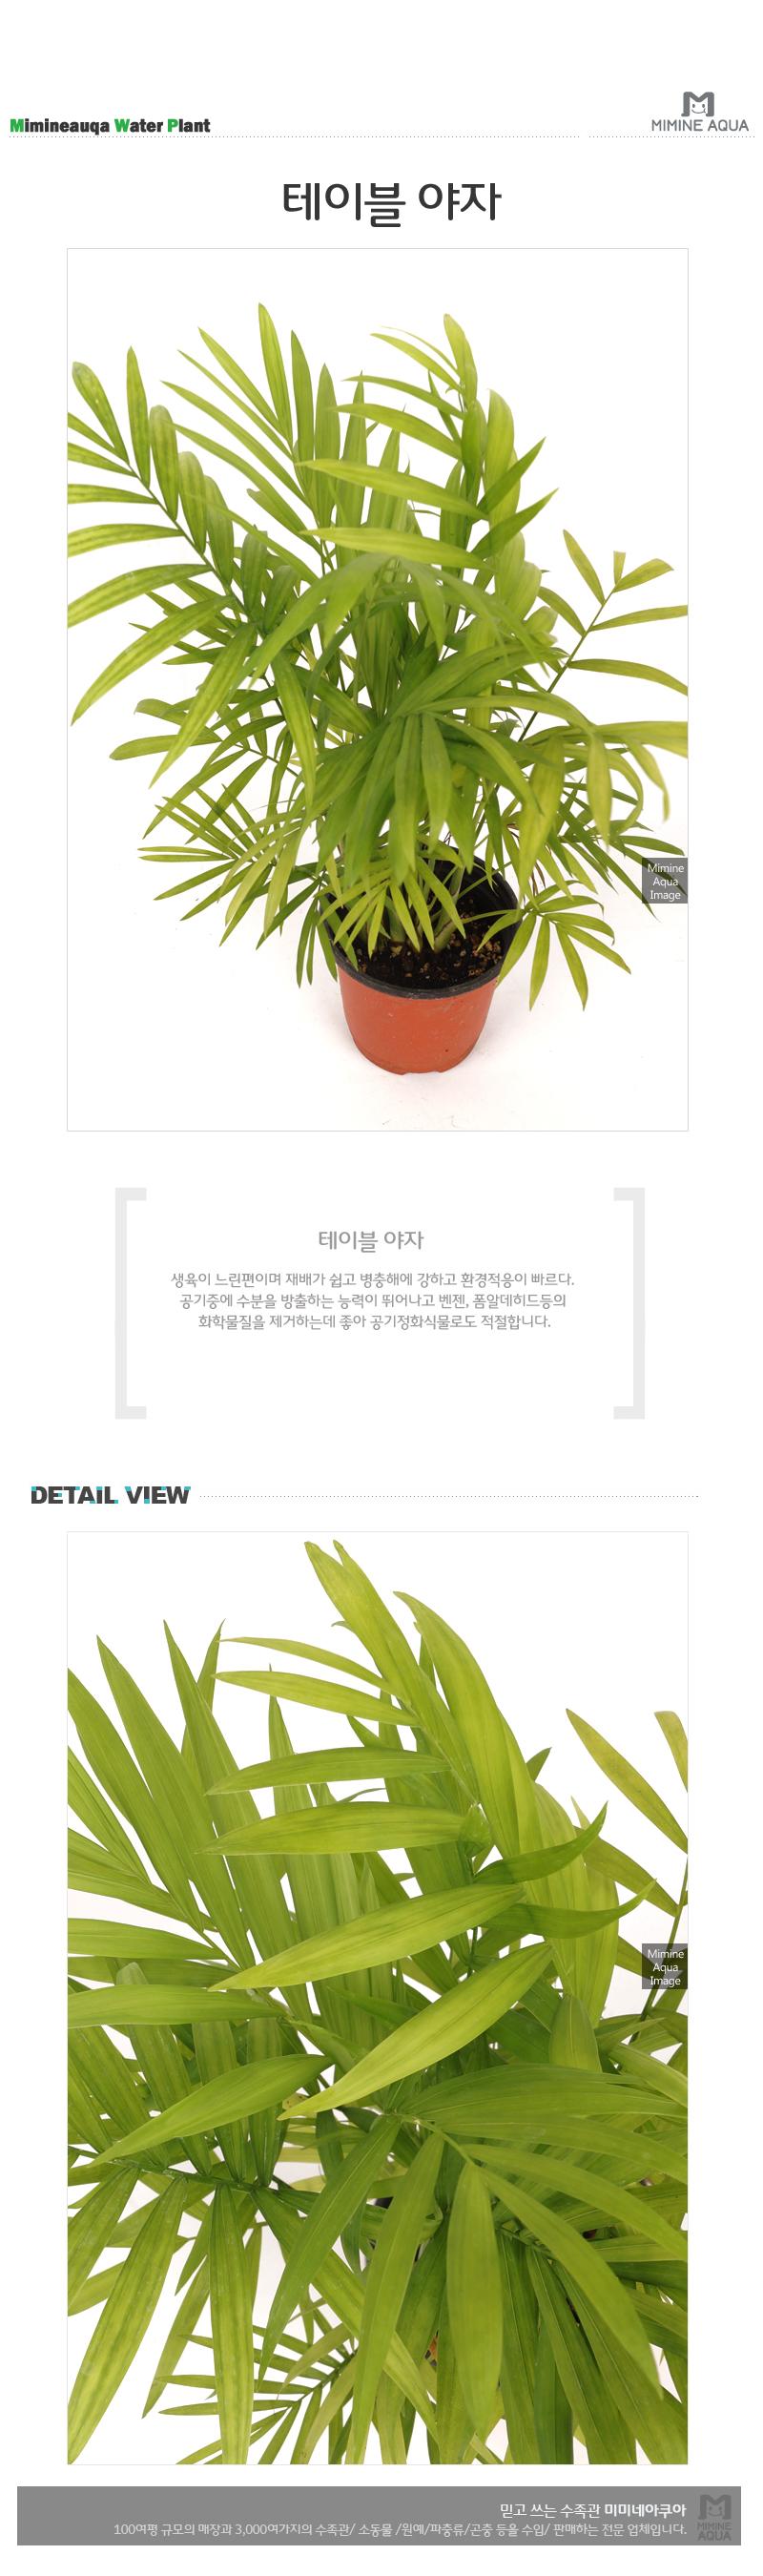 테이블 야자 1포트 - 미미네아쿠아, 3,000원, 허브/다육/선인장, 공기정화식물